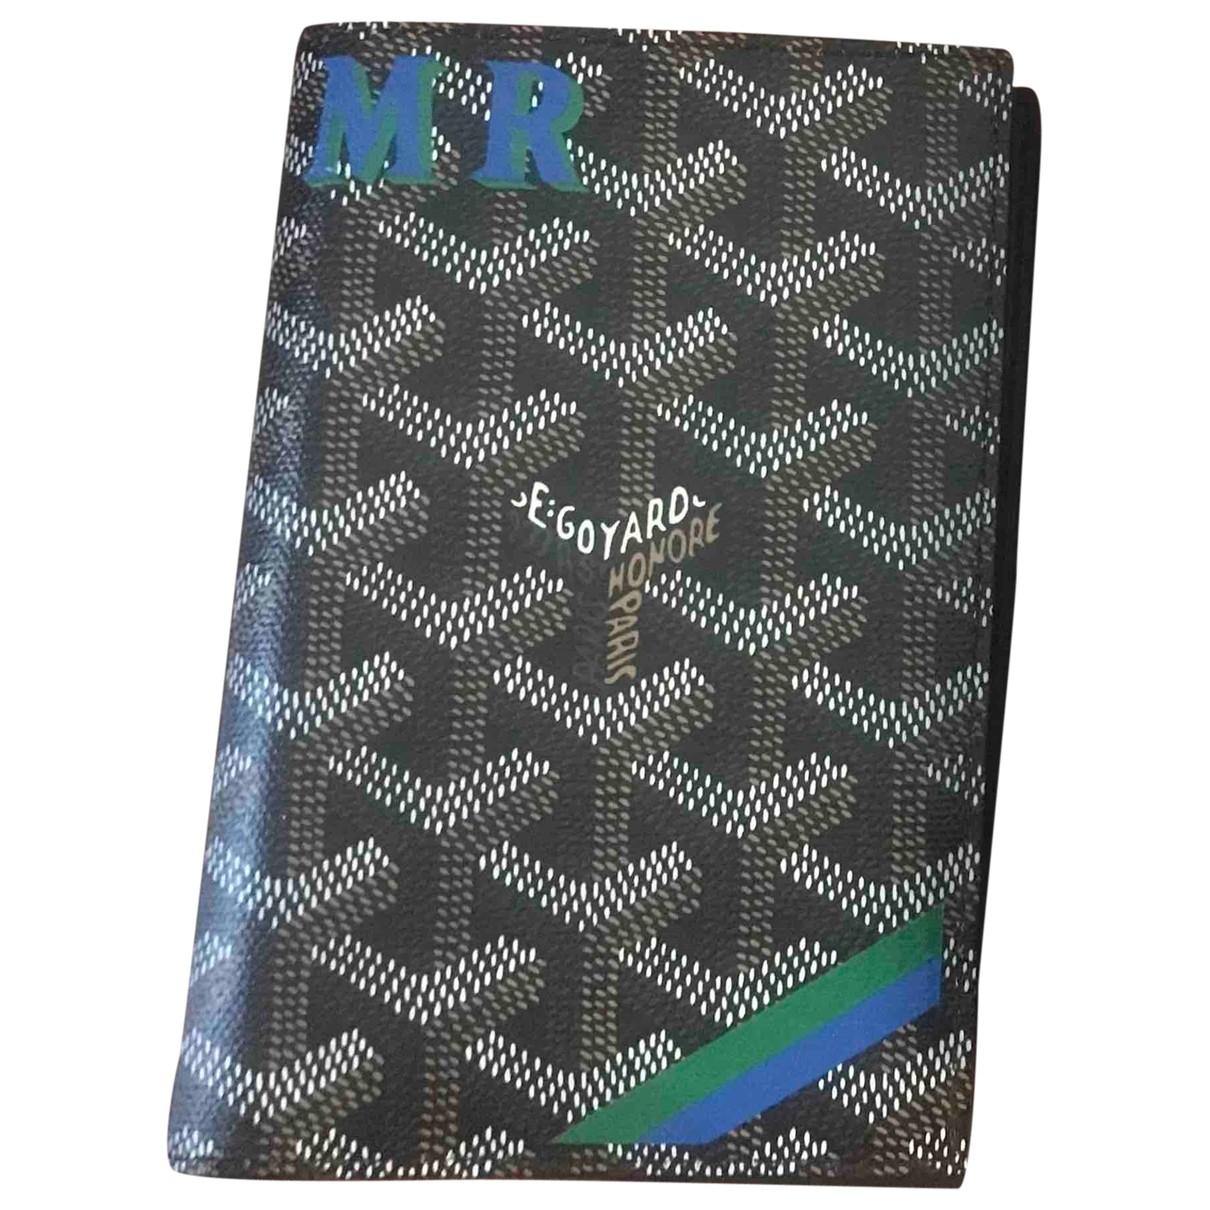 Goyard - Portefeuille   pour femme en cuir - multicolore